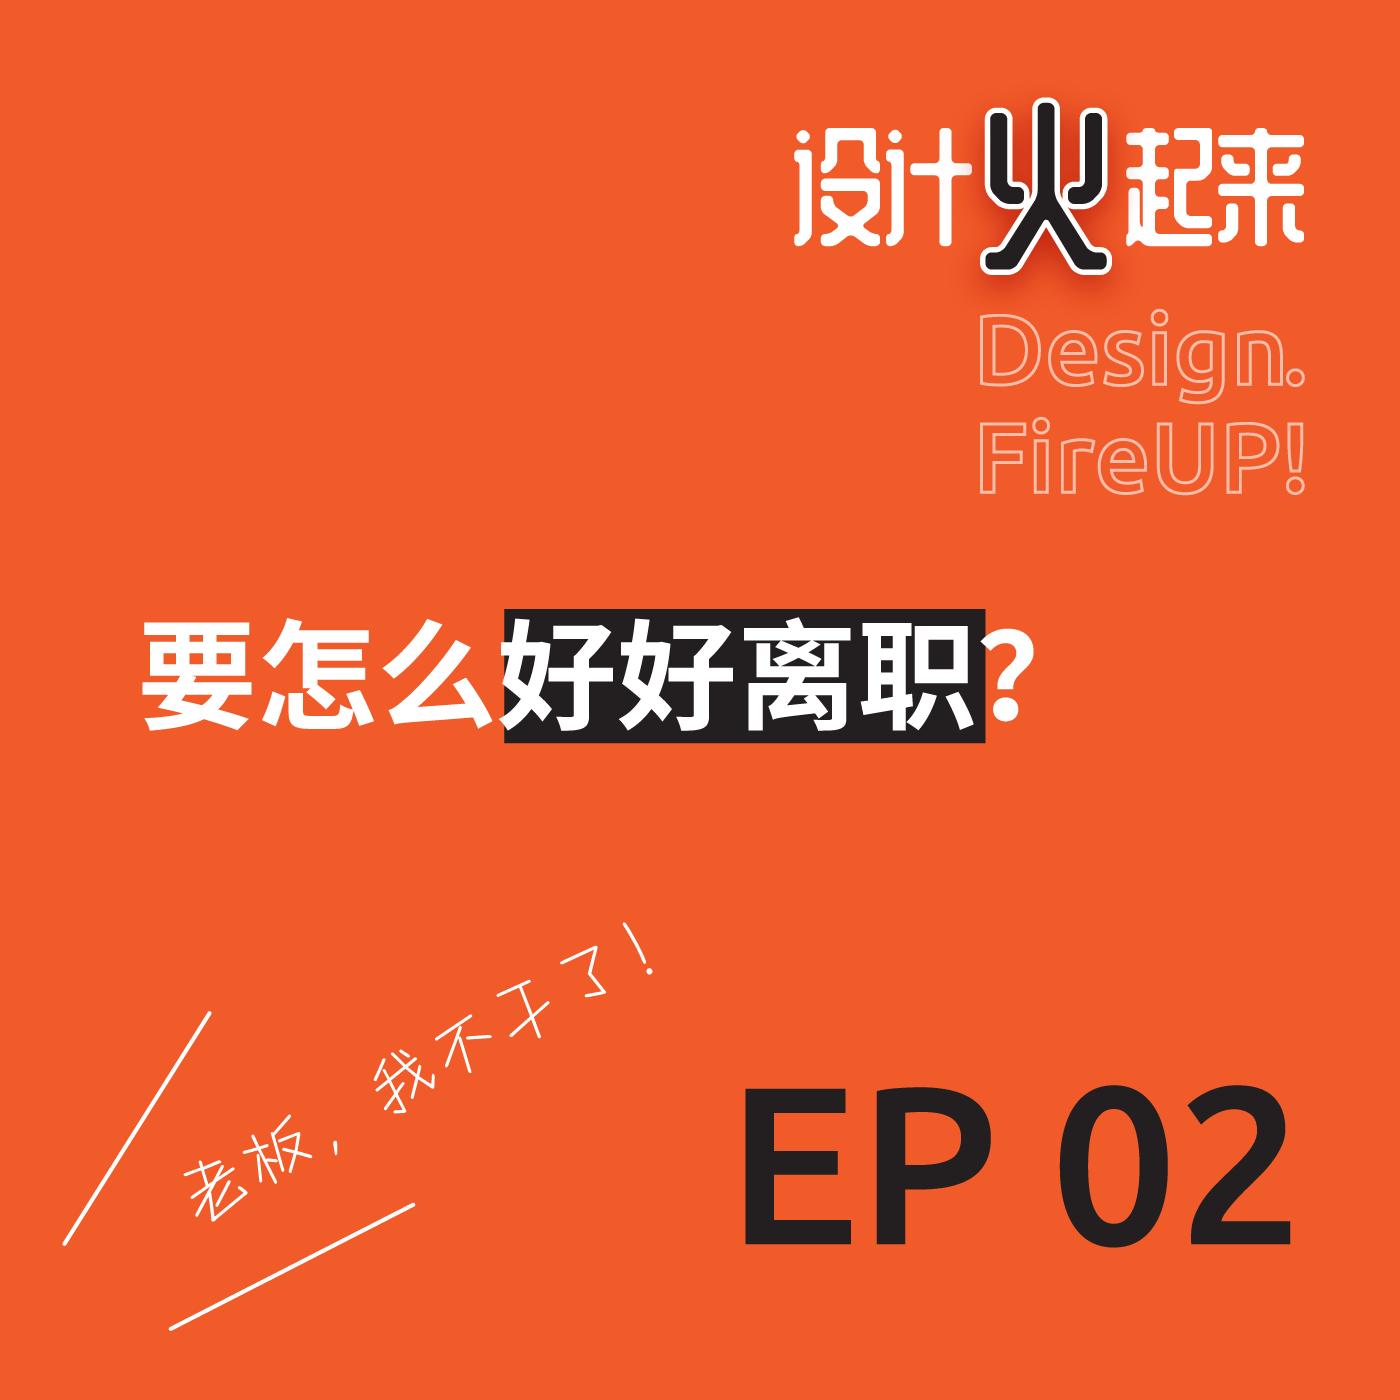 EP02 | 要怎么好好离职?